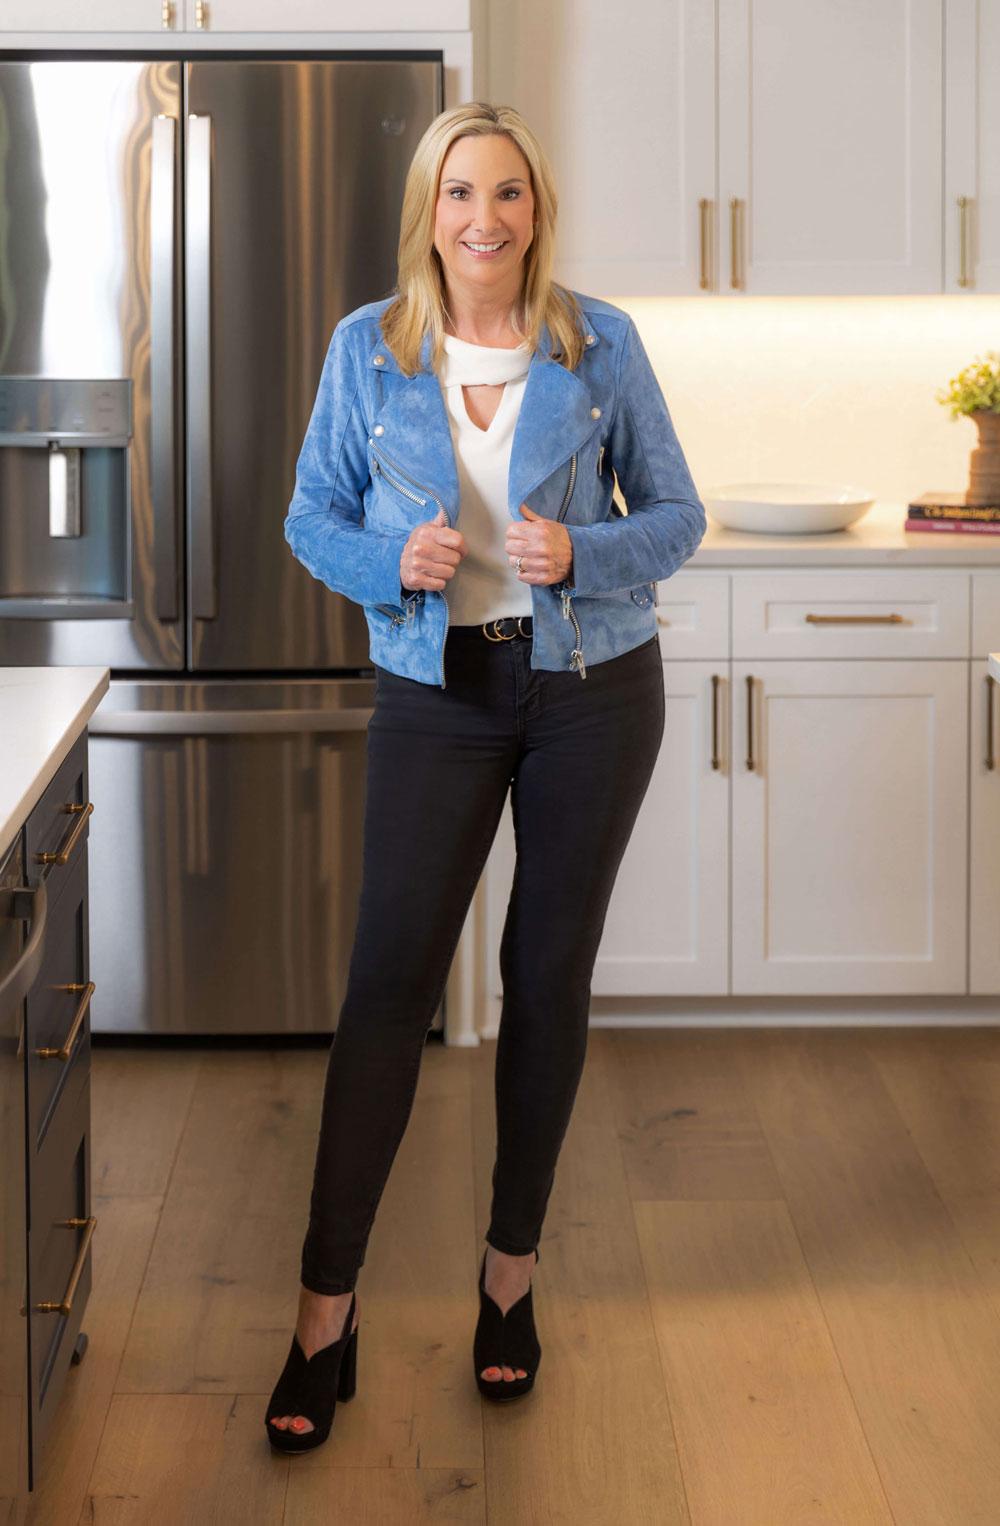 Holly Gallagher North Texas Luxury Interior Designer